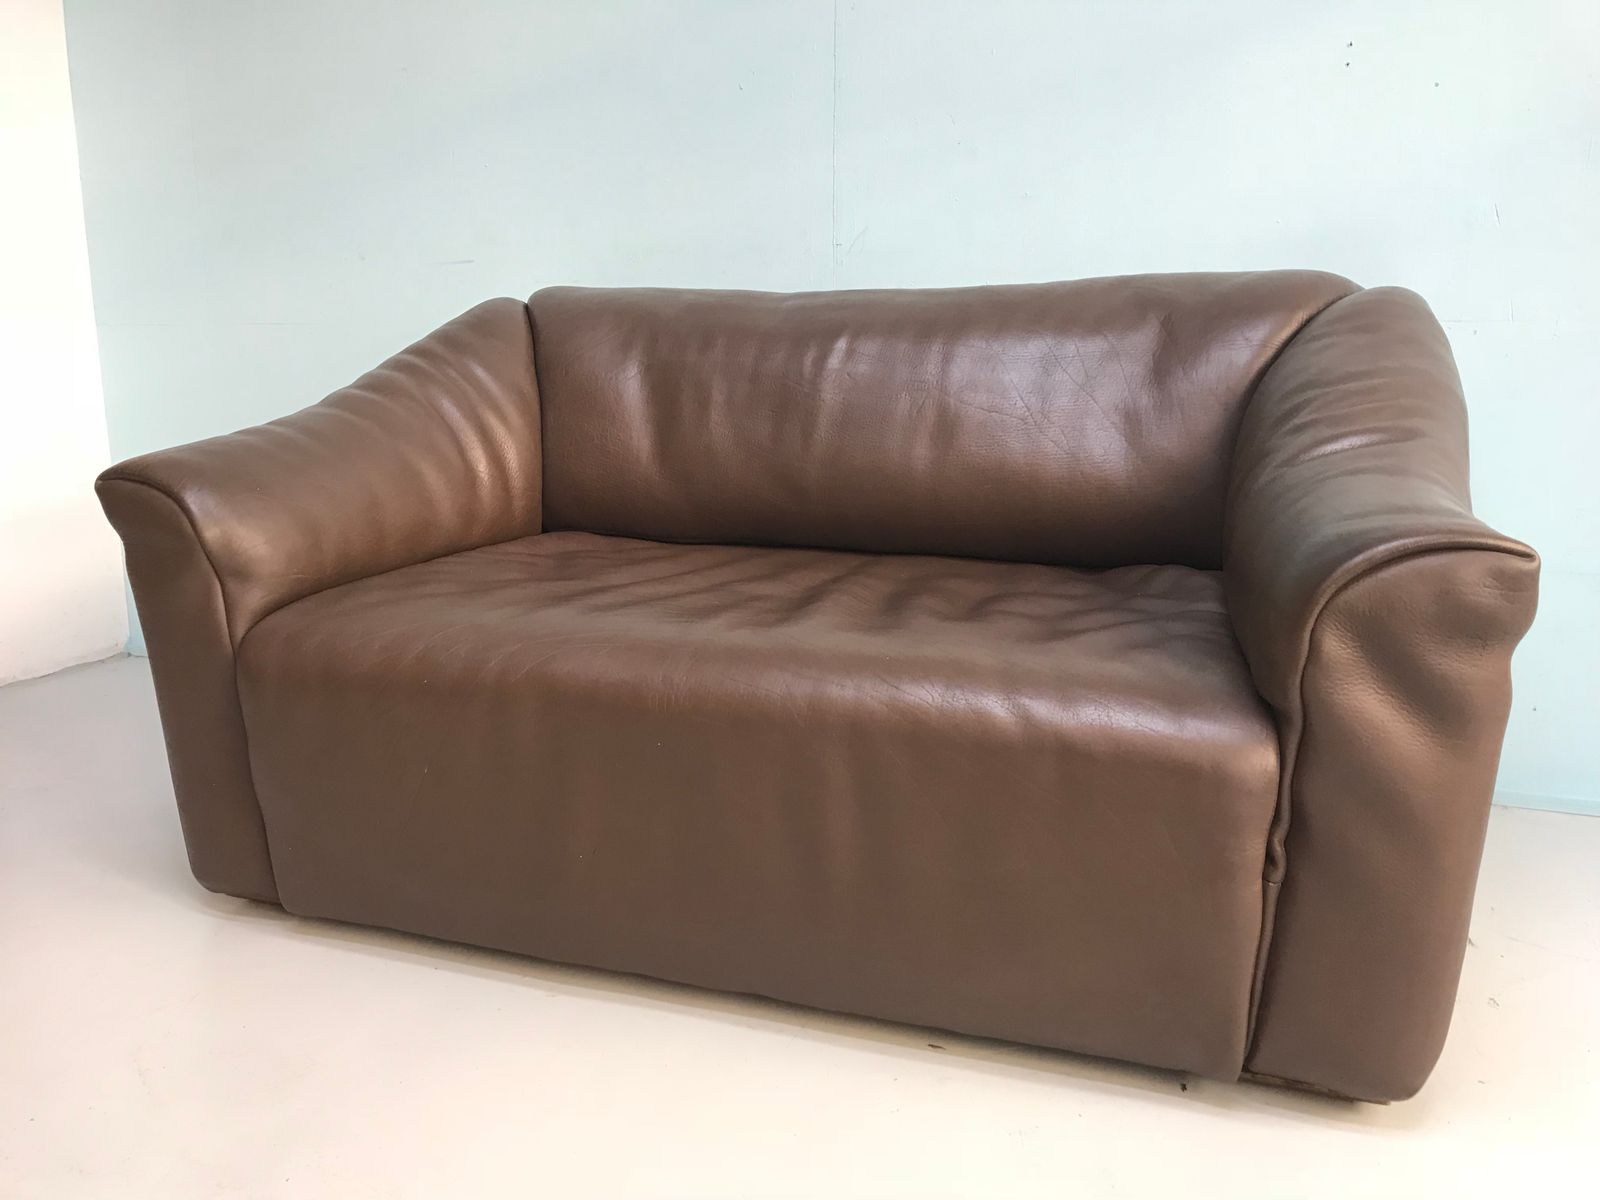 ds 47 vintage brown sofa from de sede 1970s for sale at. Black Bedroom Furniture Sets. Home Design Ideas